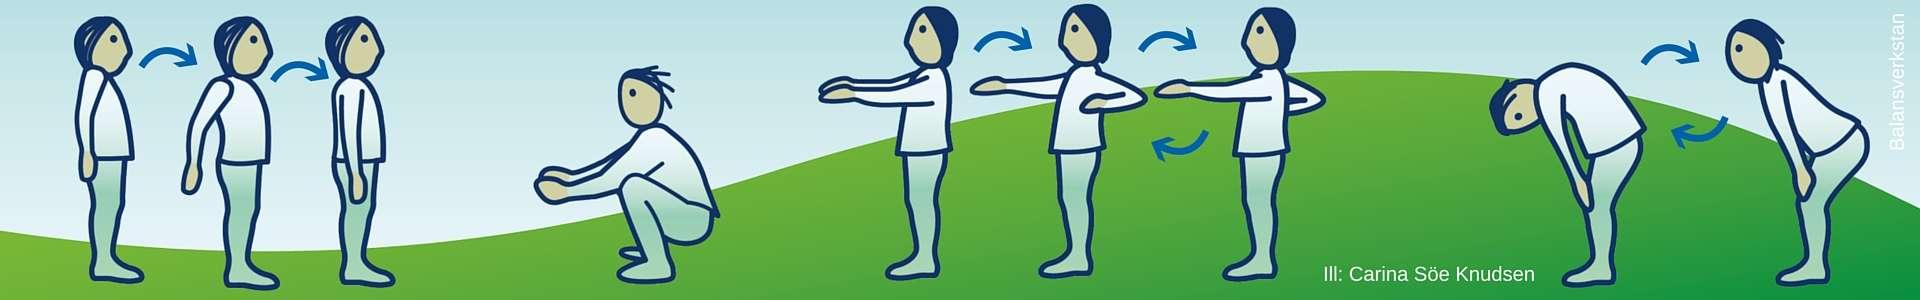 Sköna mikropauser som energiladdar kroppen på några sekunder. Ill: Carina Söe Knudsen.